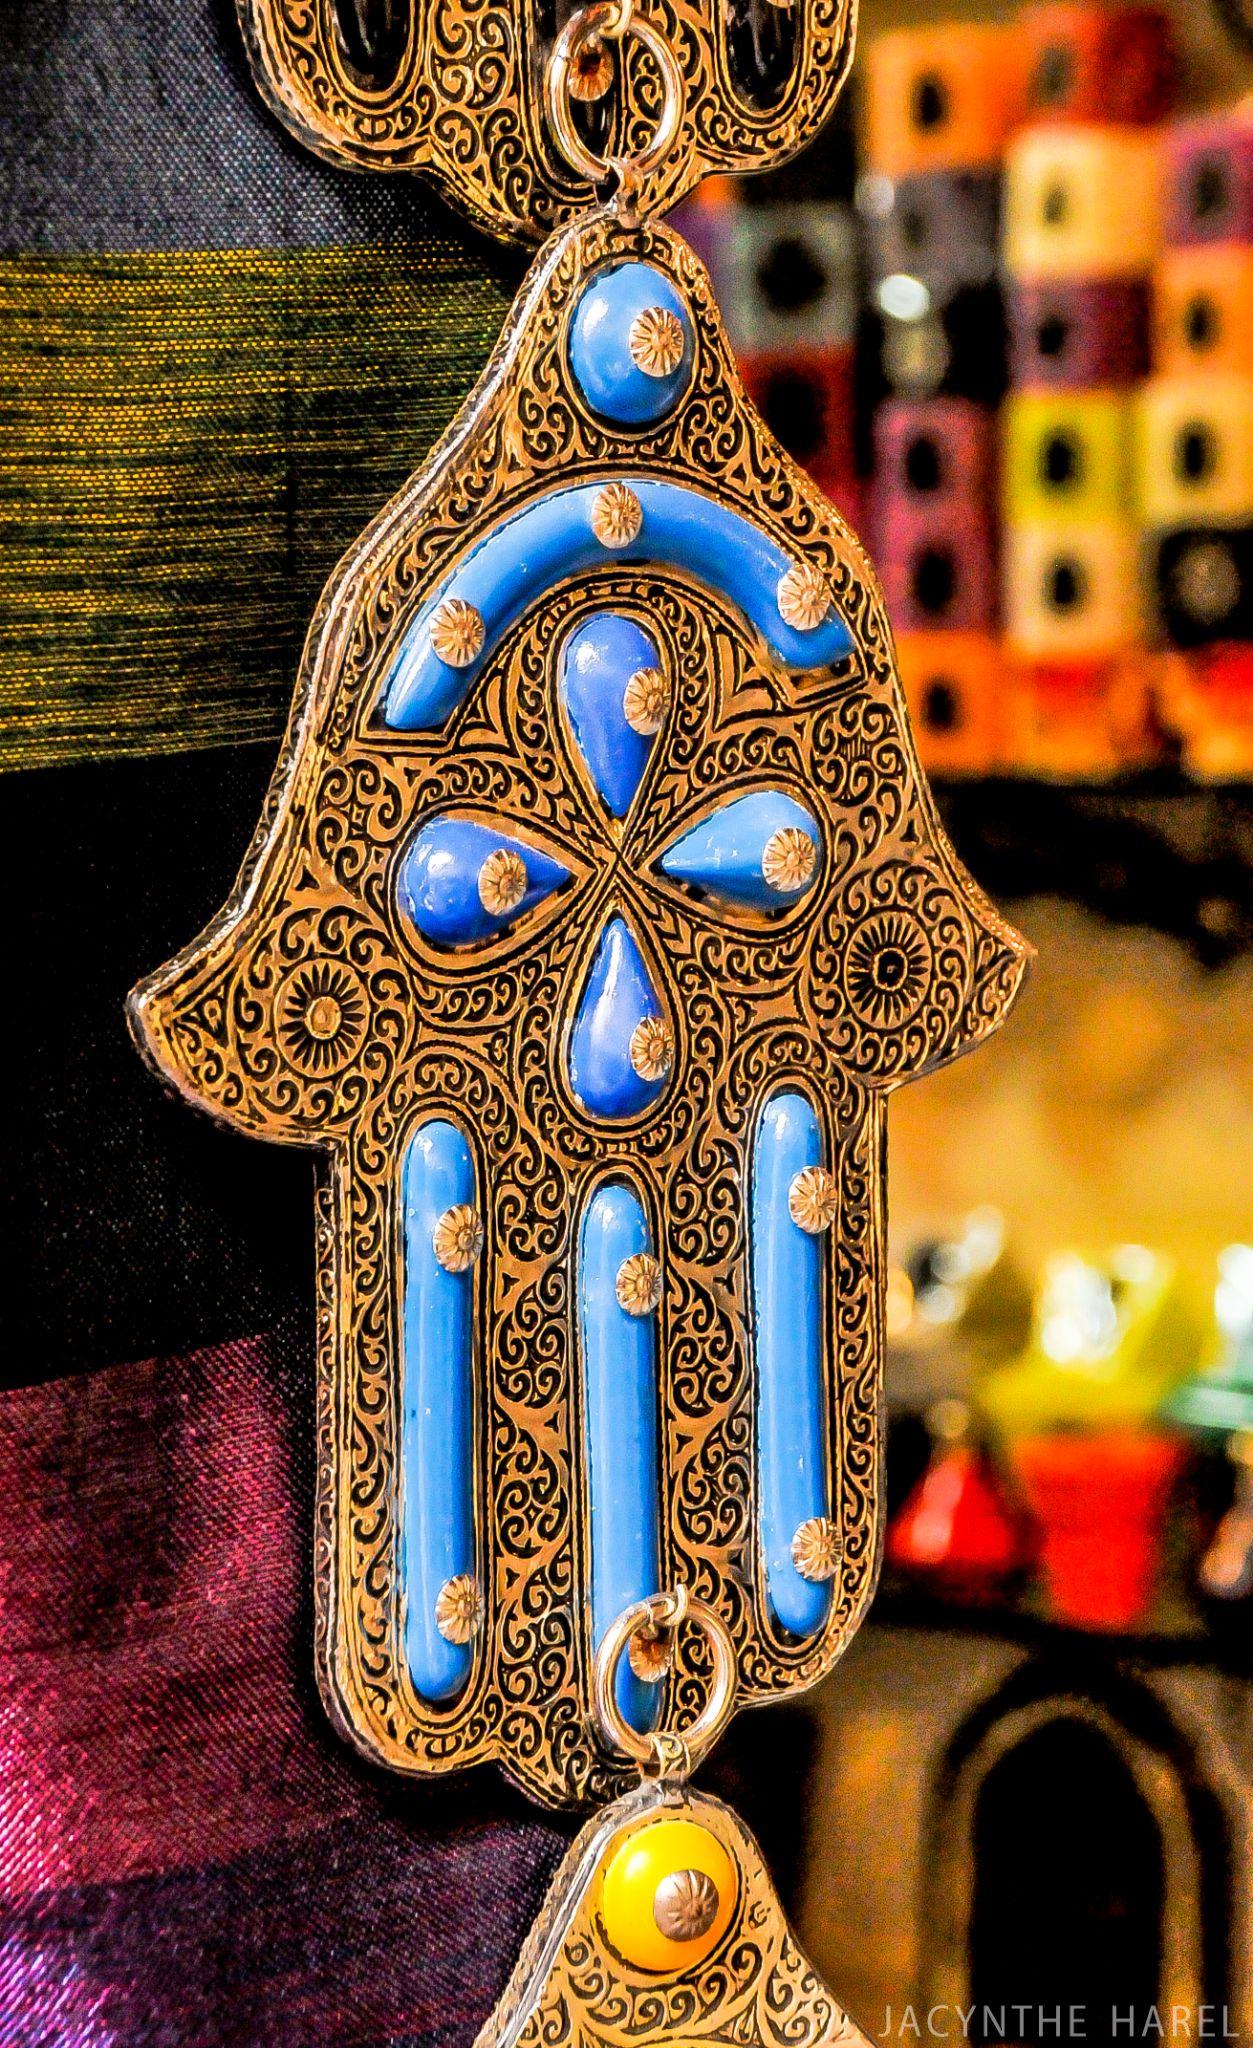 Hand of Fatima by jacynthe.harel